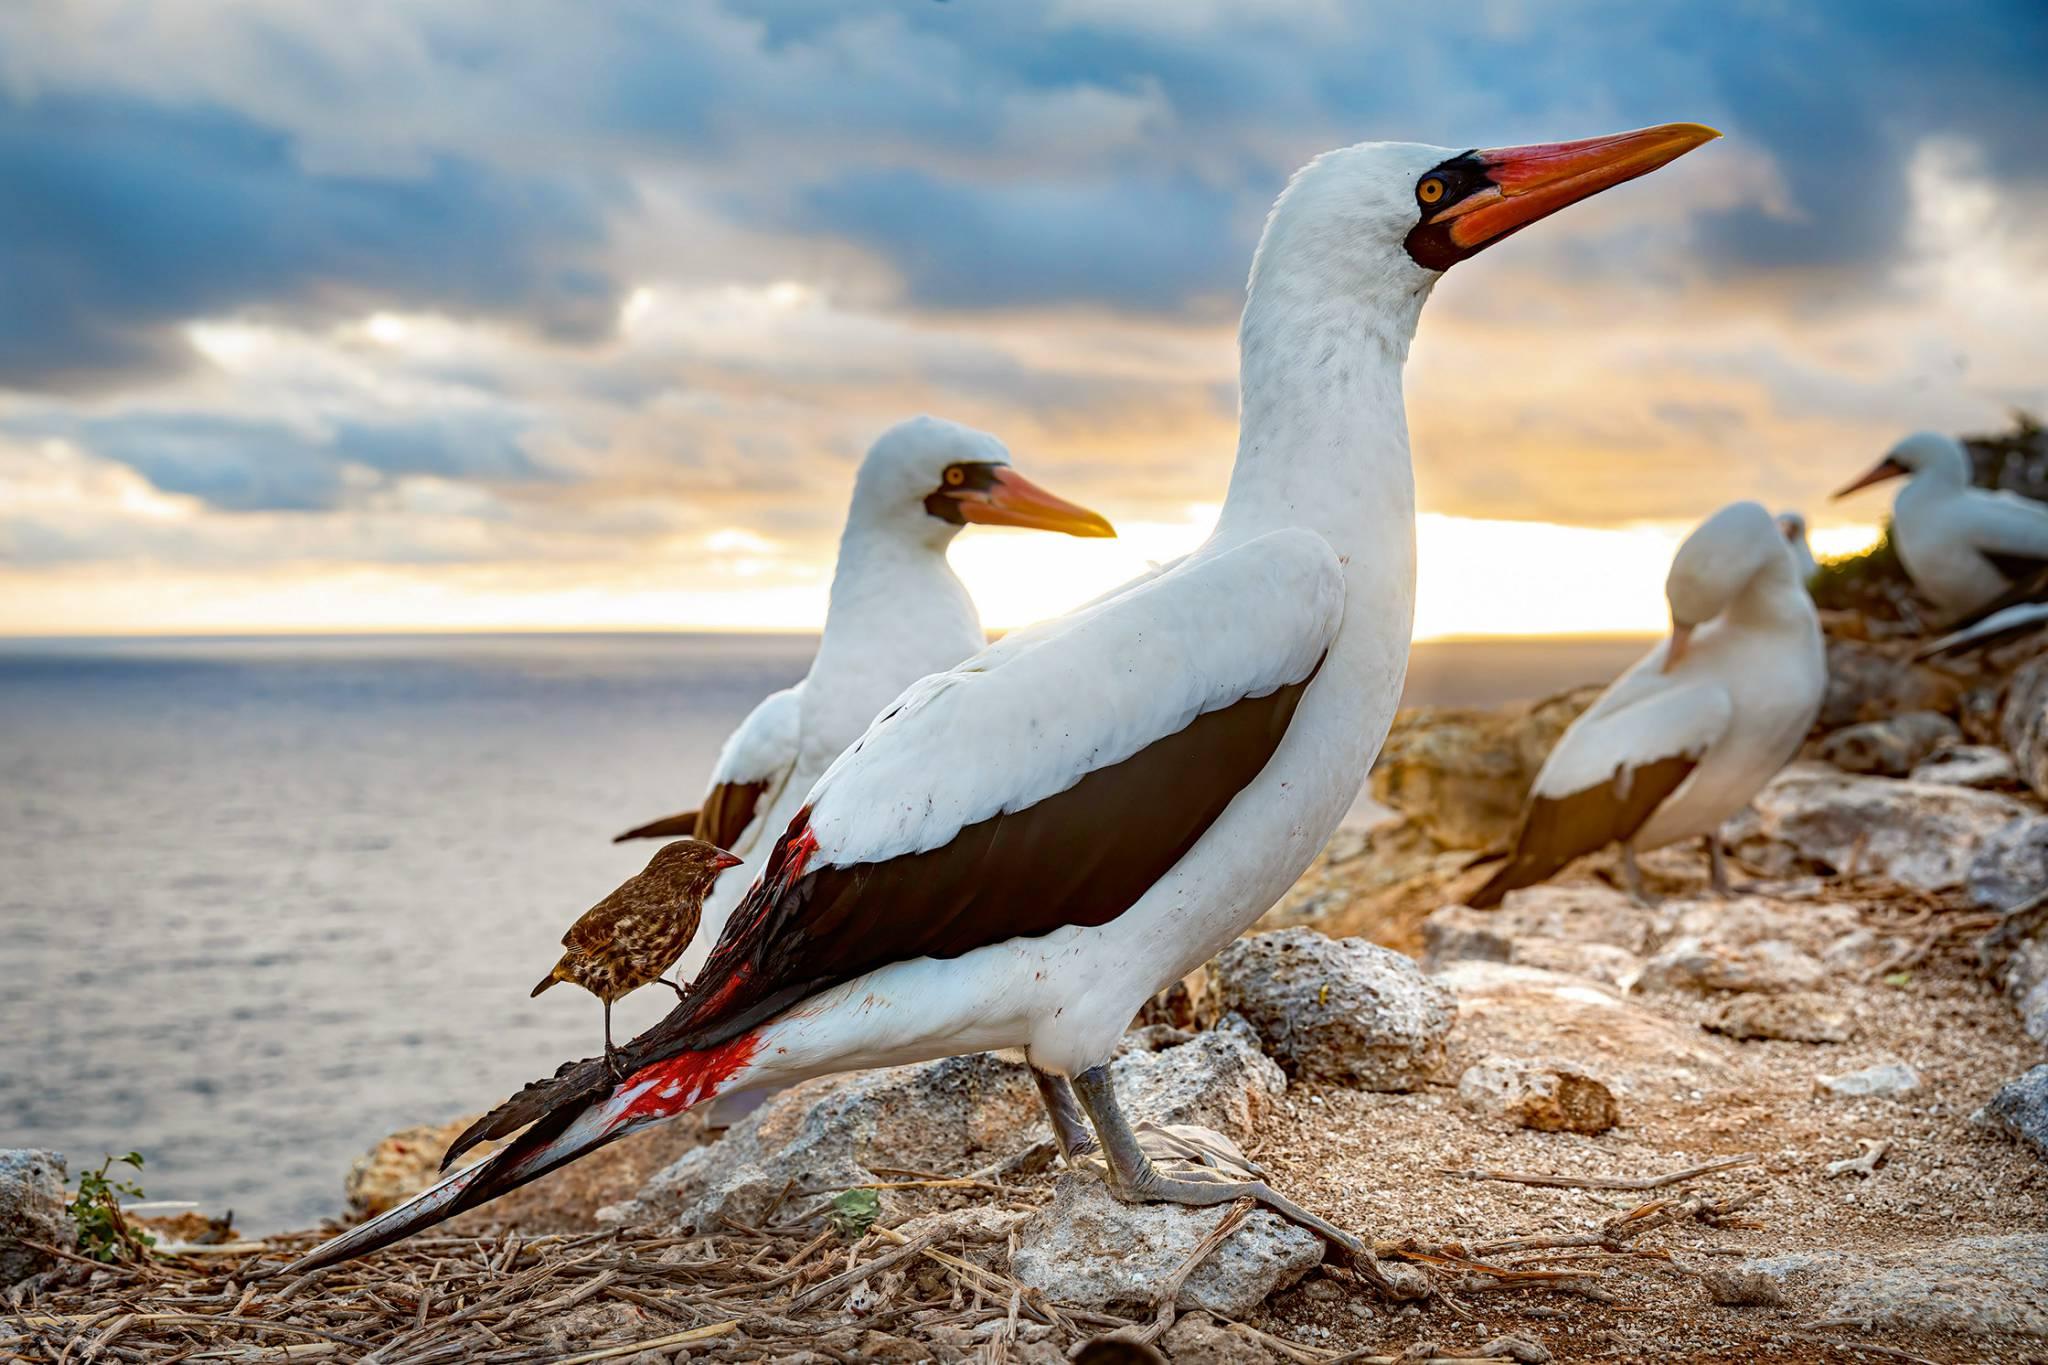 David Attenborough - pan od ekologicznej (r)ewolucji człowieka